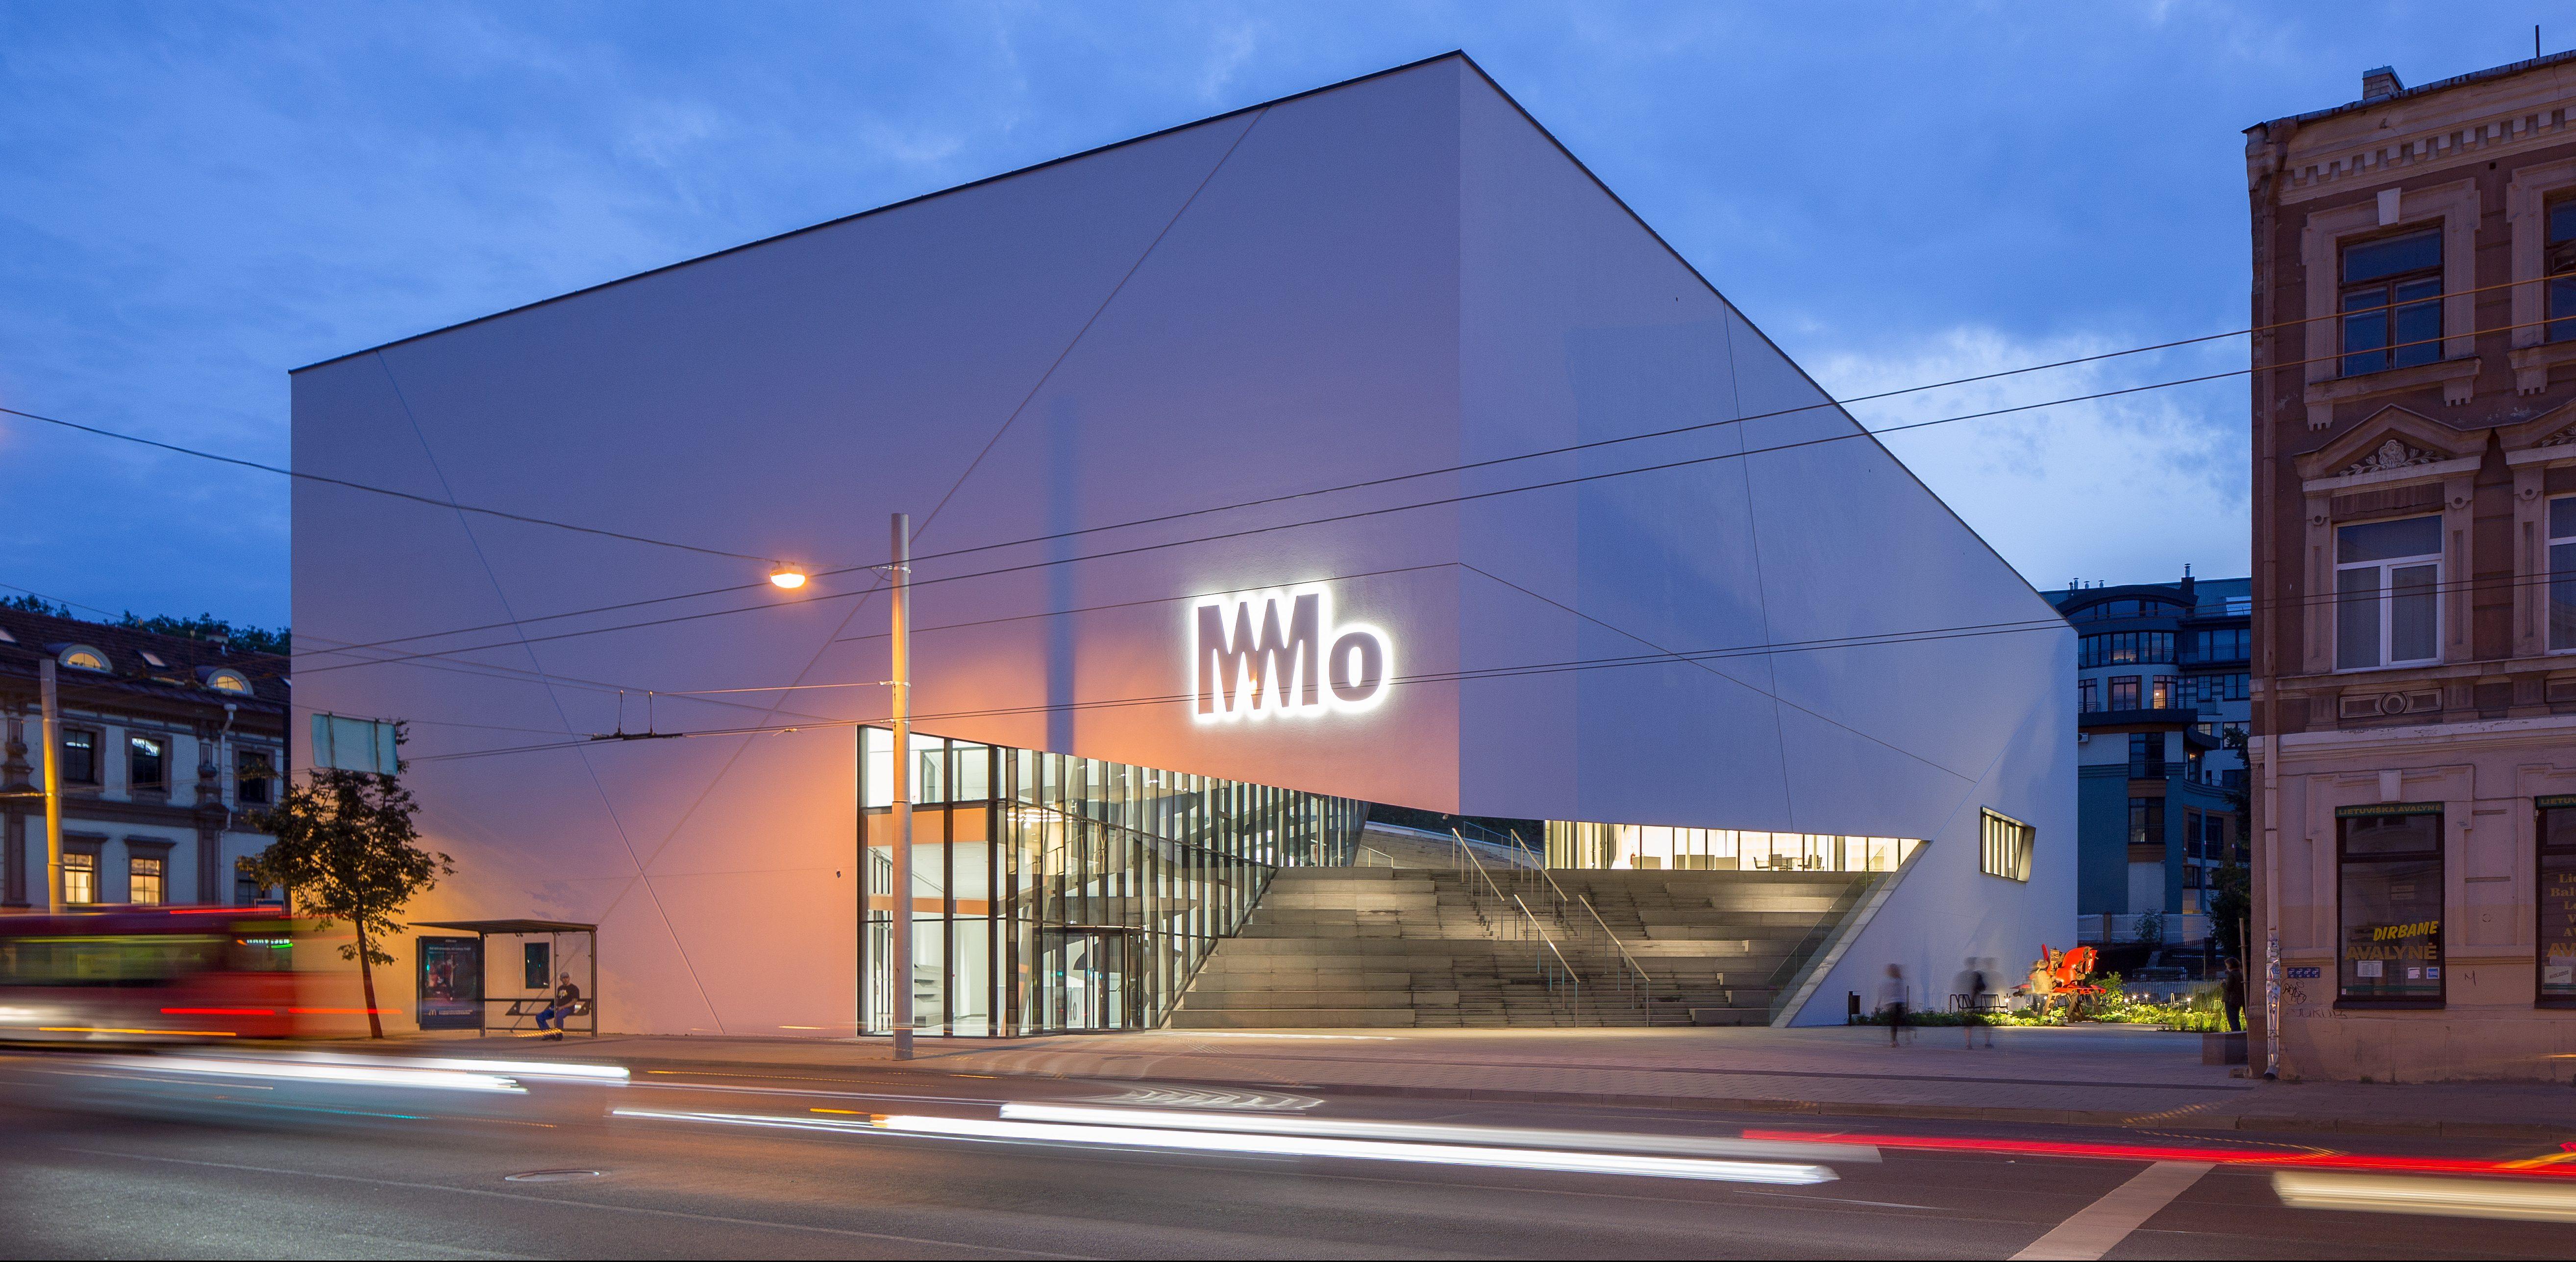 """Baigta išskirtiniais architektūriniais sprendimais garsėjančio """"MO muziejaus"""" pastato statyba"""